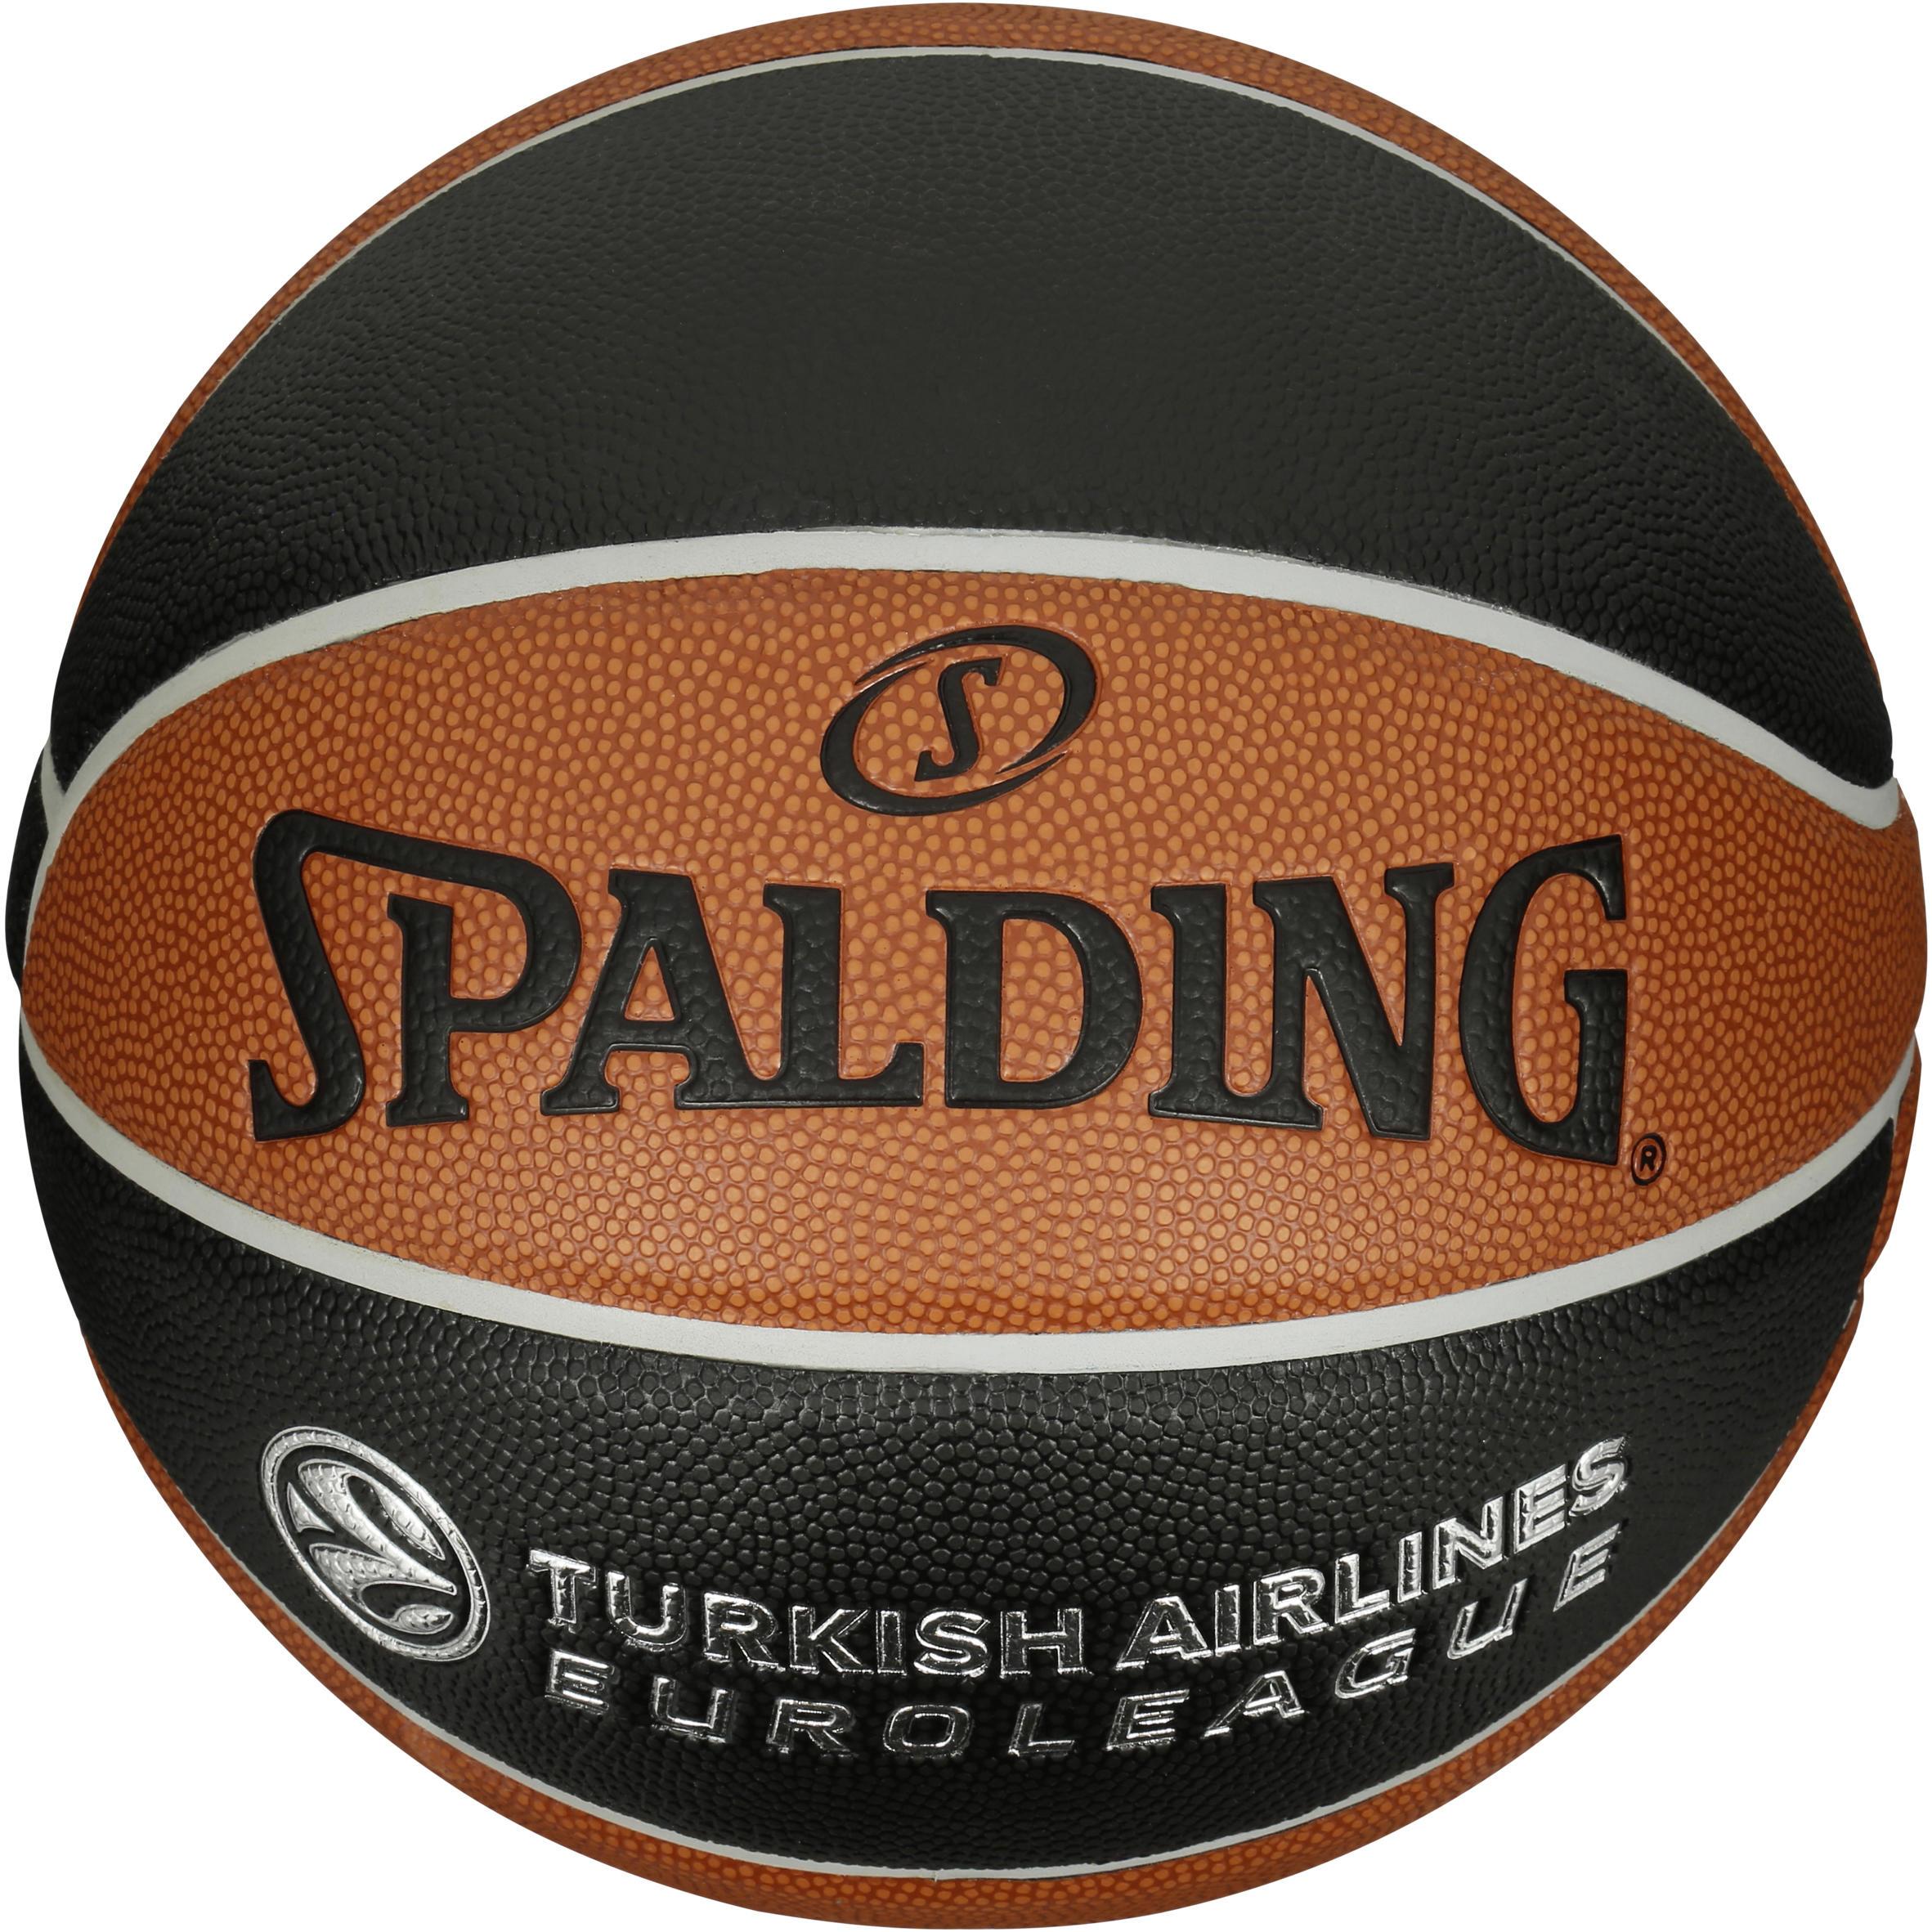 Uhlsport Basketbal TF 1000 Euroleague maat 7 voor meisjes vanaf 13 jaar en dames kopen